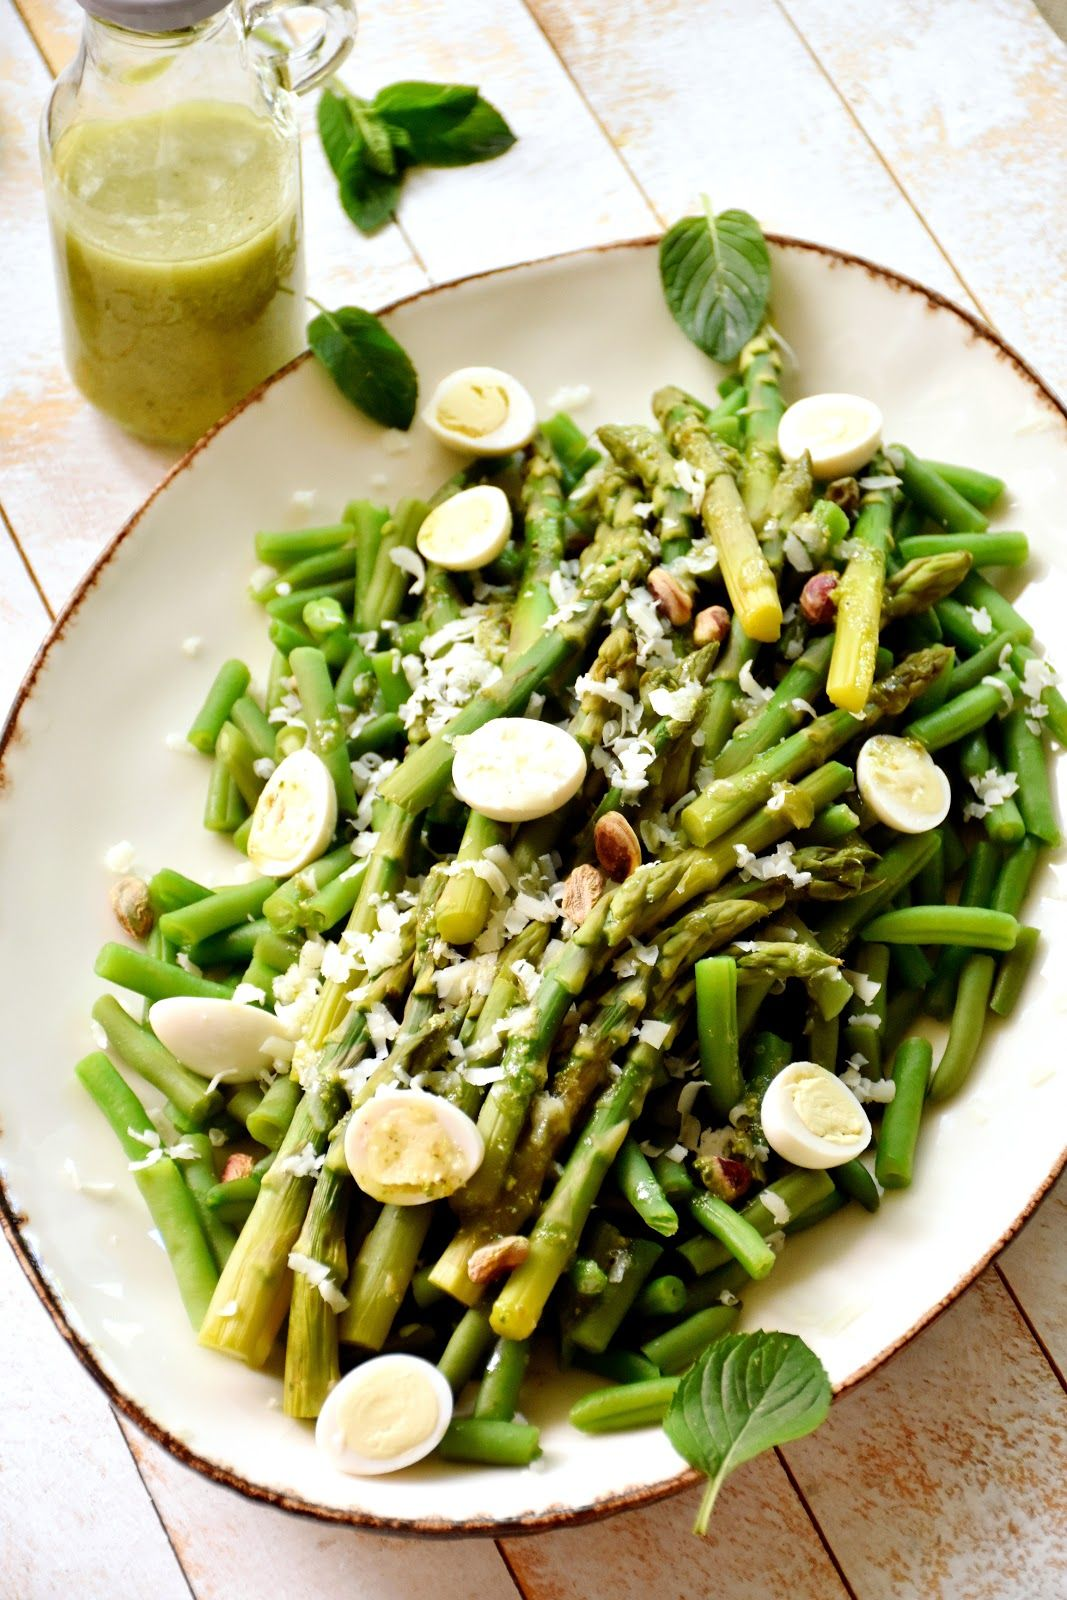 Ensalada De Judías Verdes Y Espárragos Con Pesto De Menta Chez Silvia En 2020 Ensalada De Judias Verdes Ensalada Con Esparragos Recetas Con Pesto